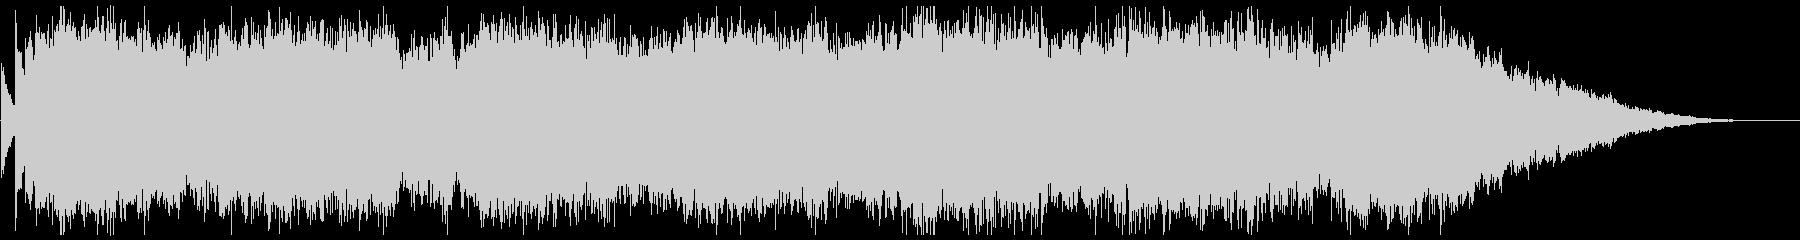 背景音 サスペンス 3の未再生の波形